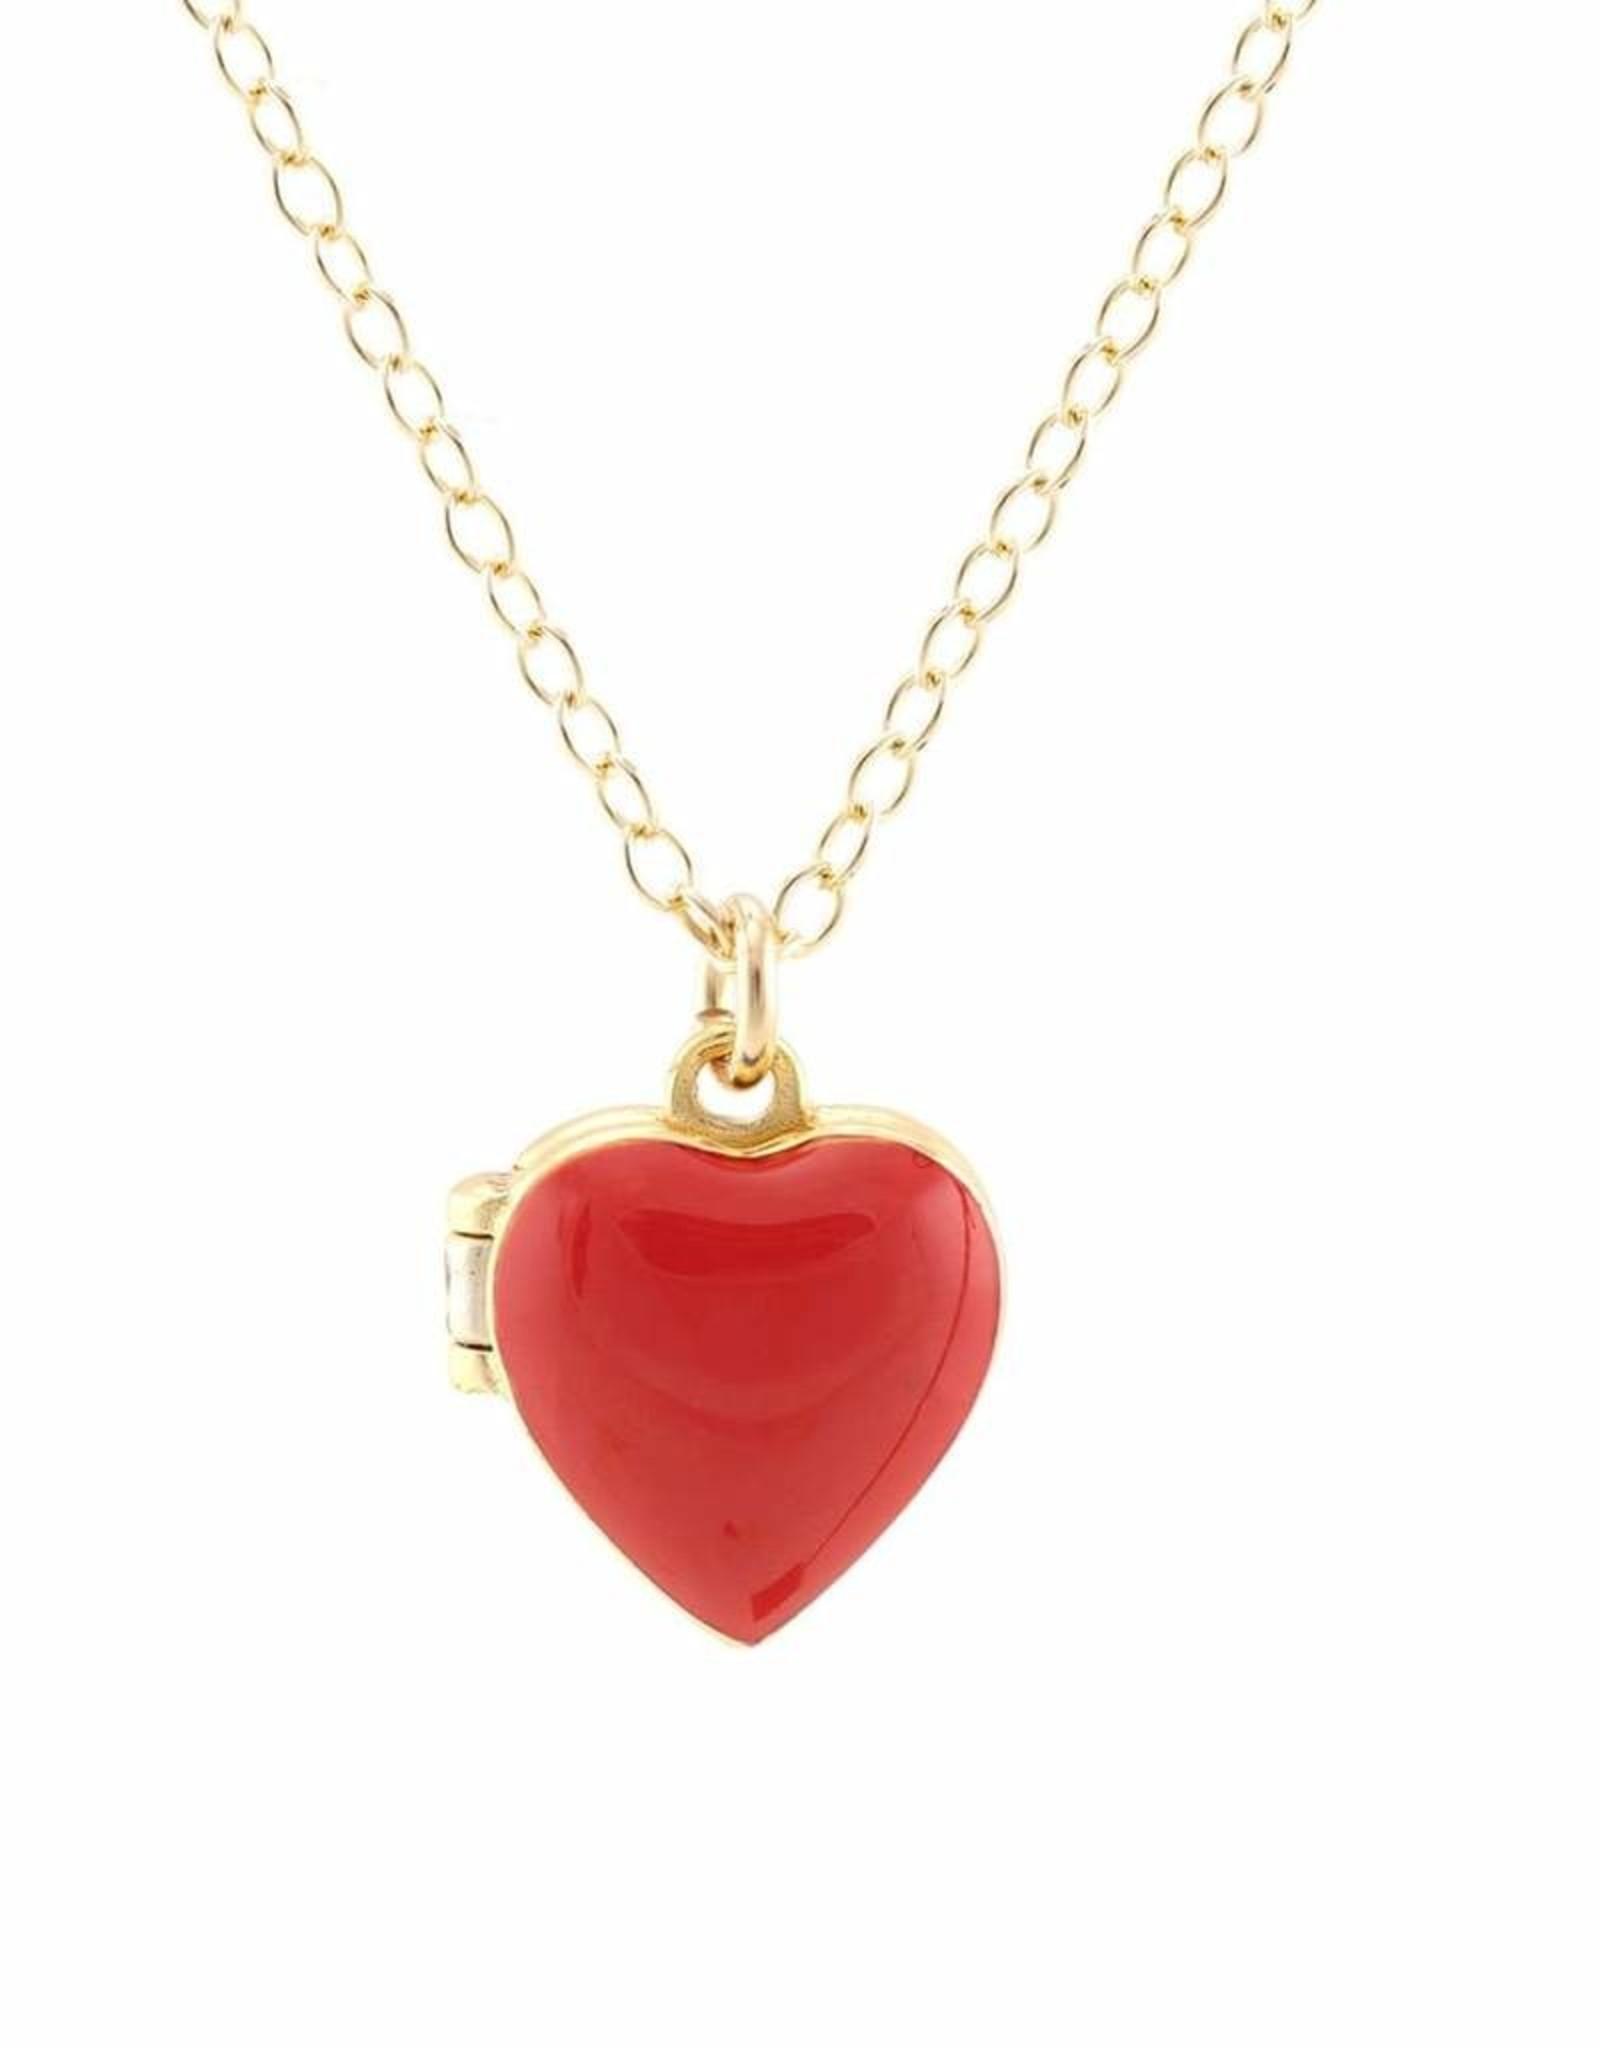 Small Heart Locket in red enamel